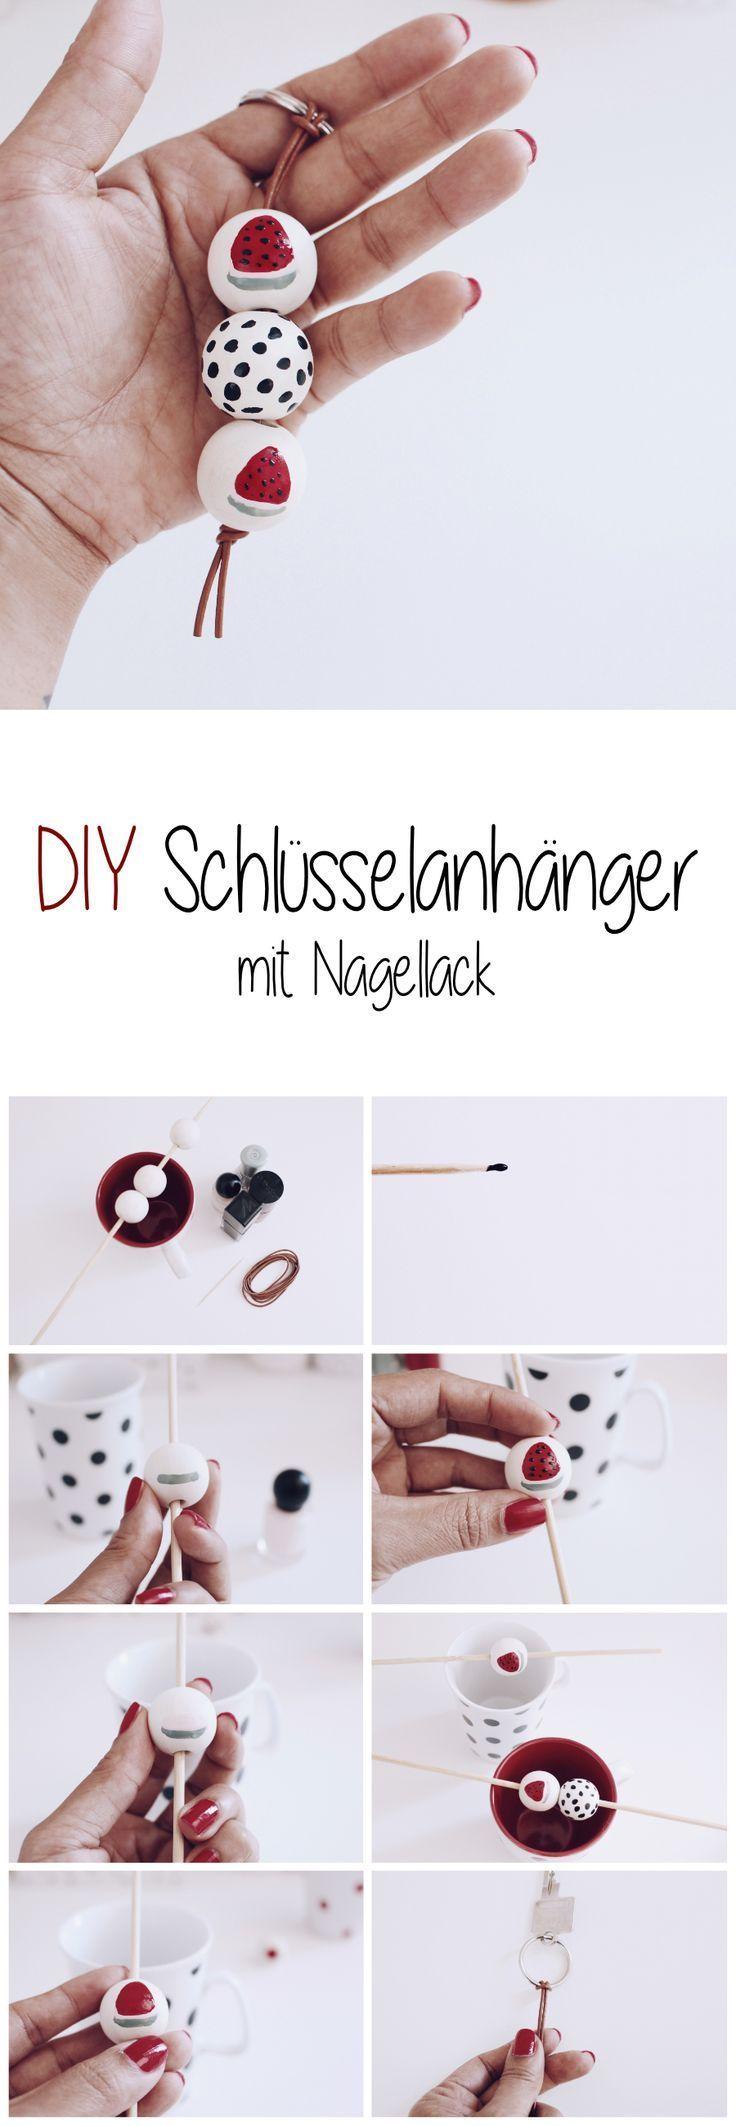 DIY Schlüsselanhänger mit Nagellack selber machen. Wassermelone und ...